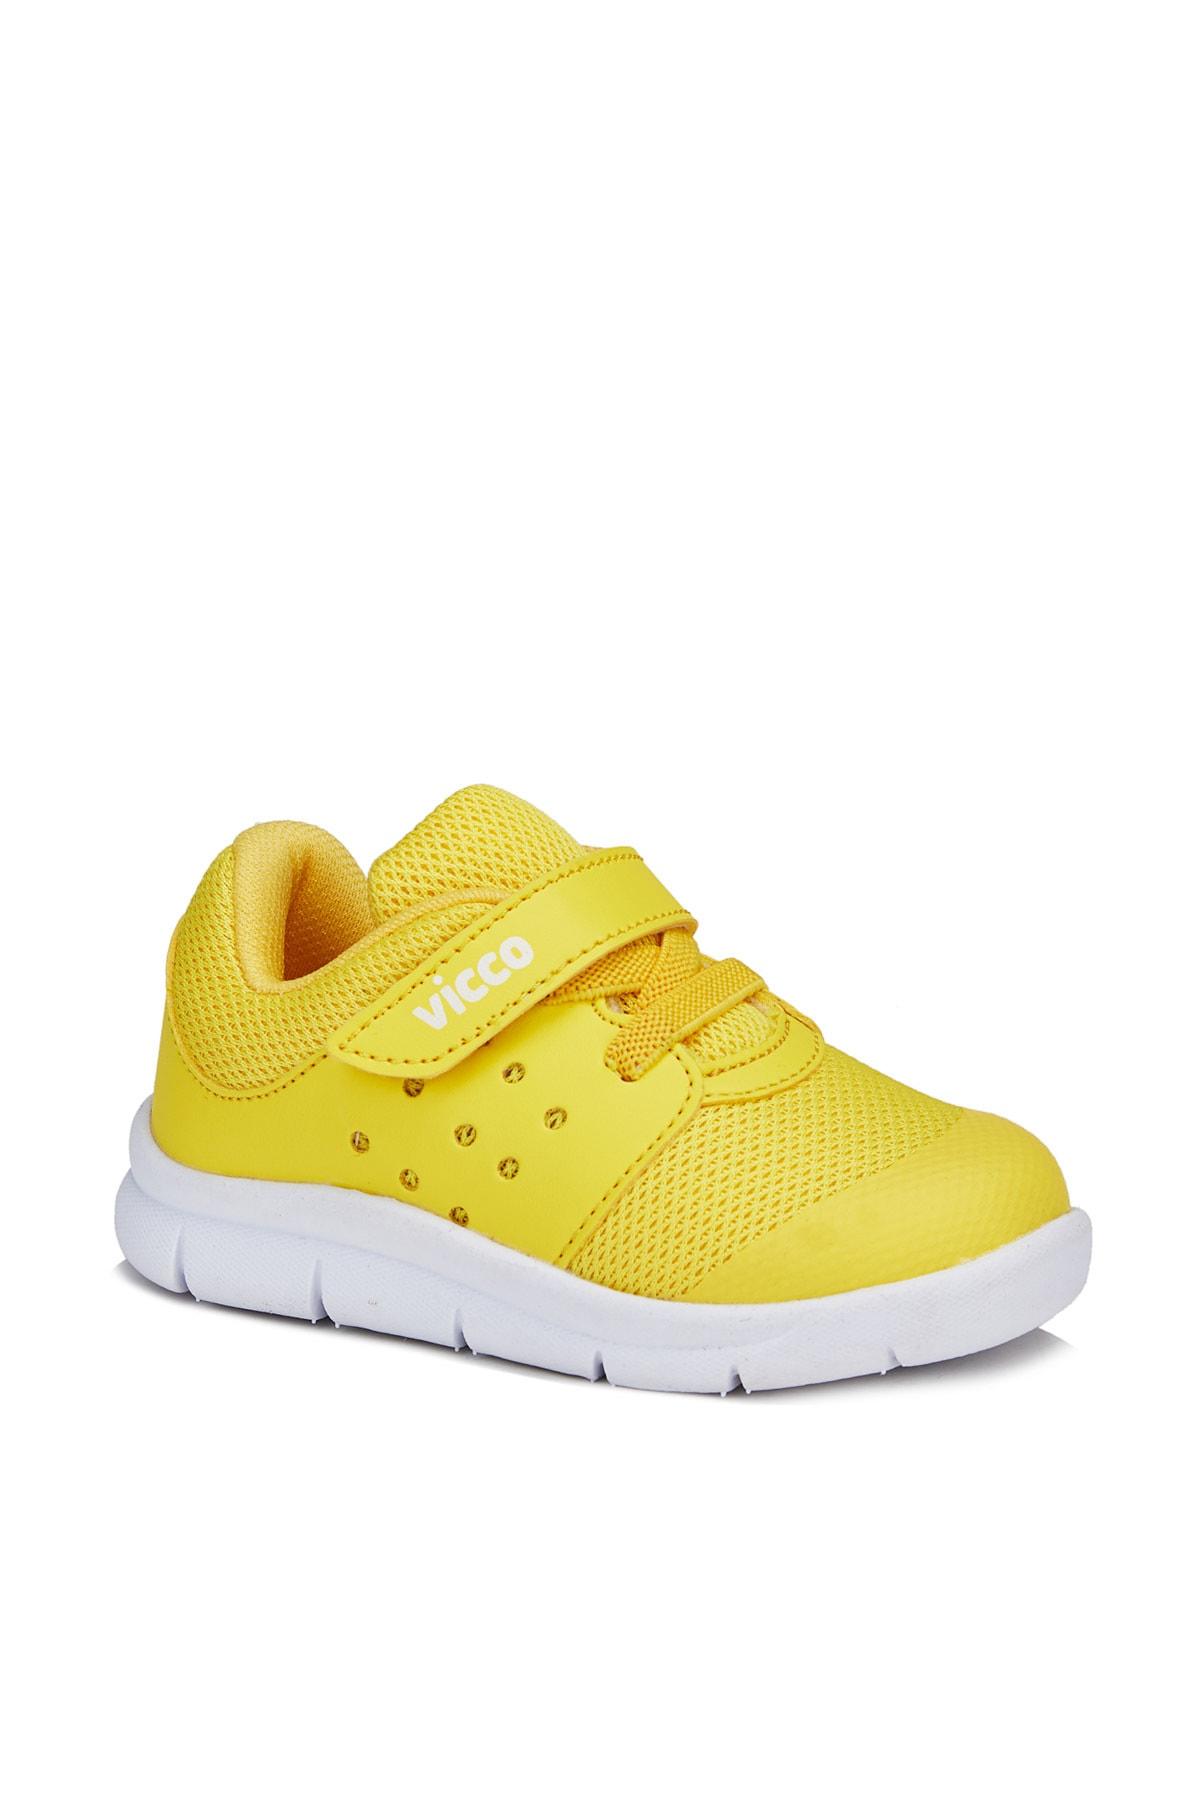 Vicco Mario Unisex Bebe Sarı Spor Ayakkabı 1